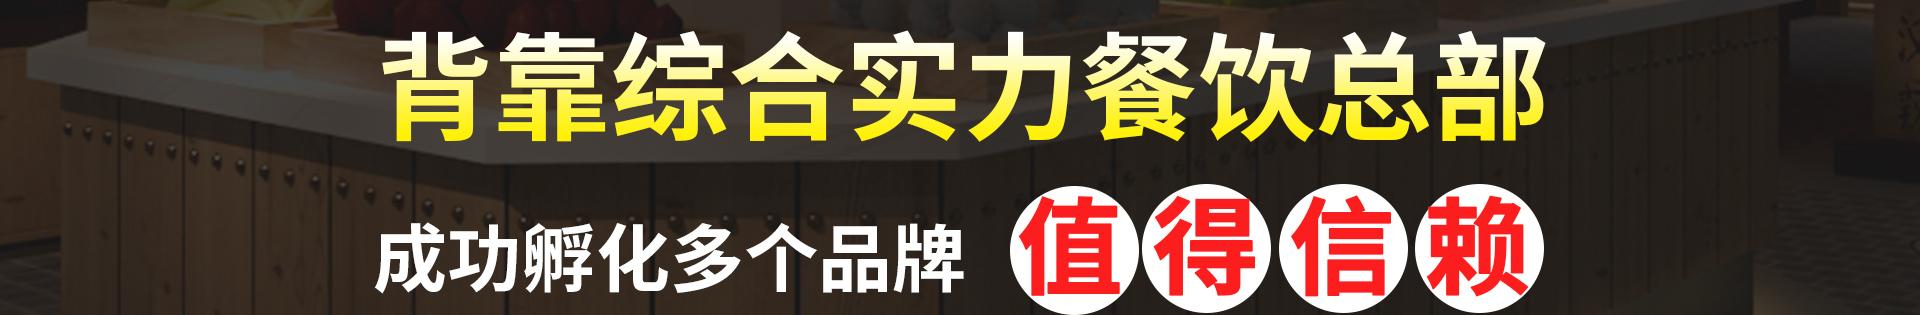 宽窄巷子火锅kzxz_45